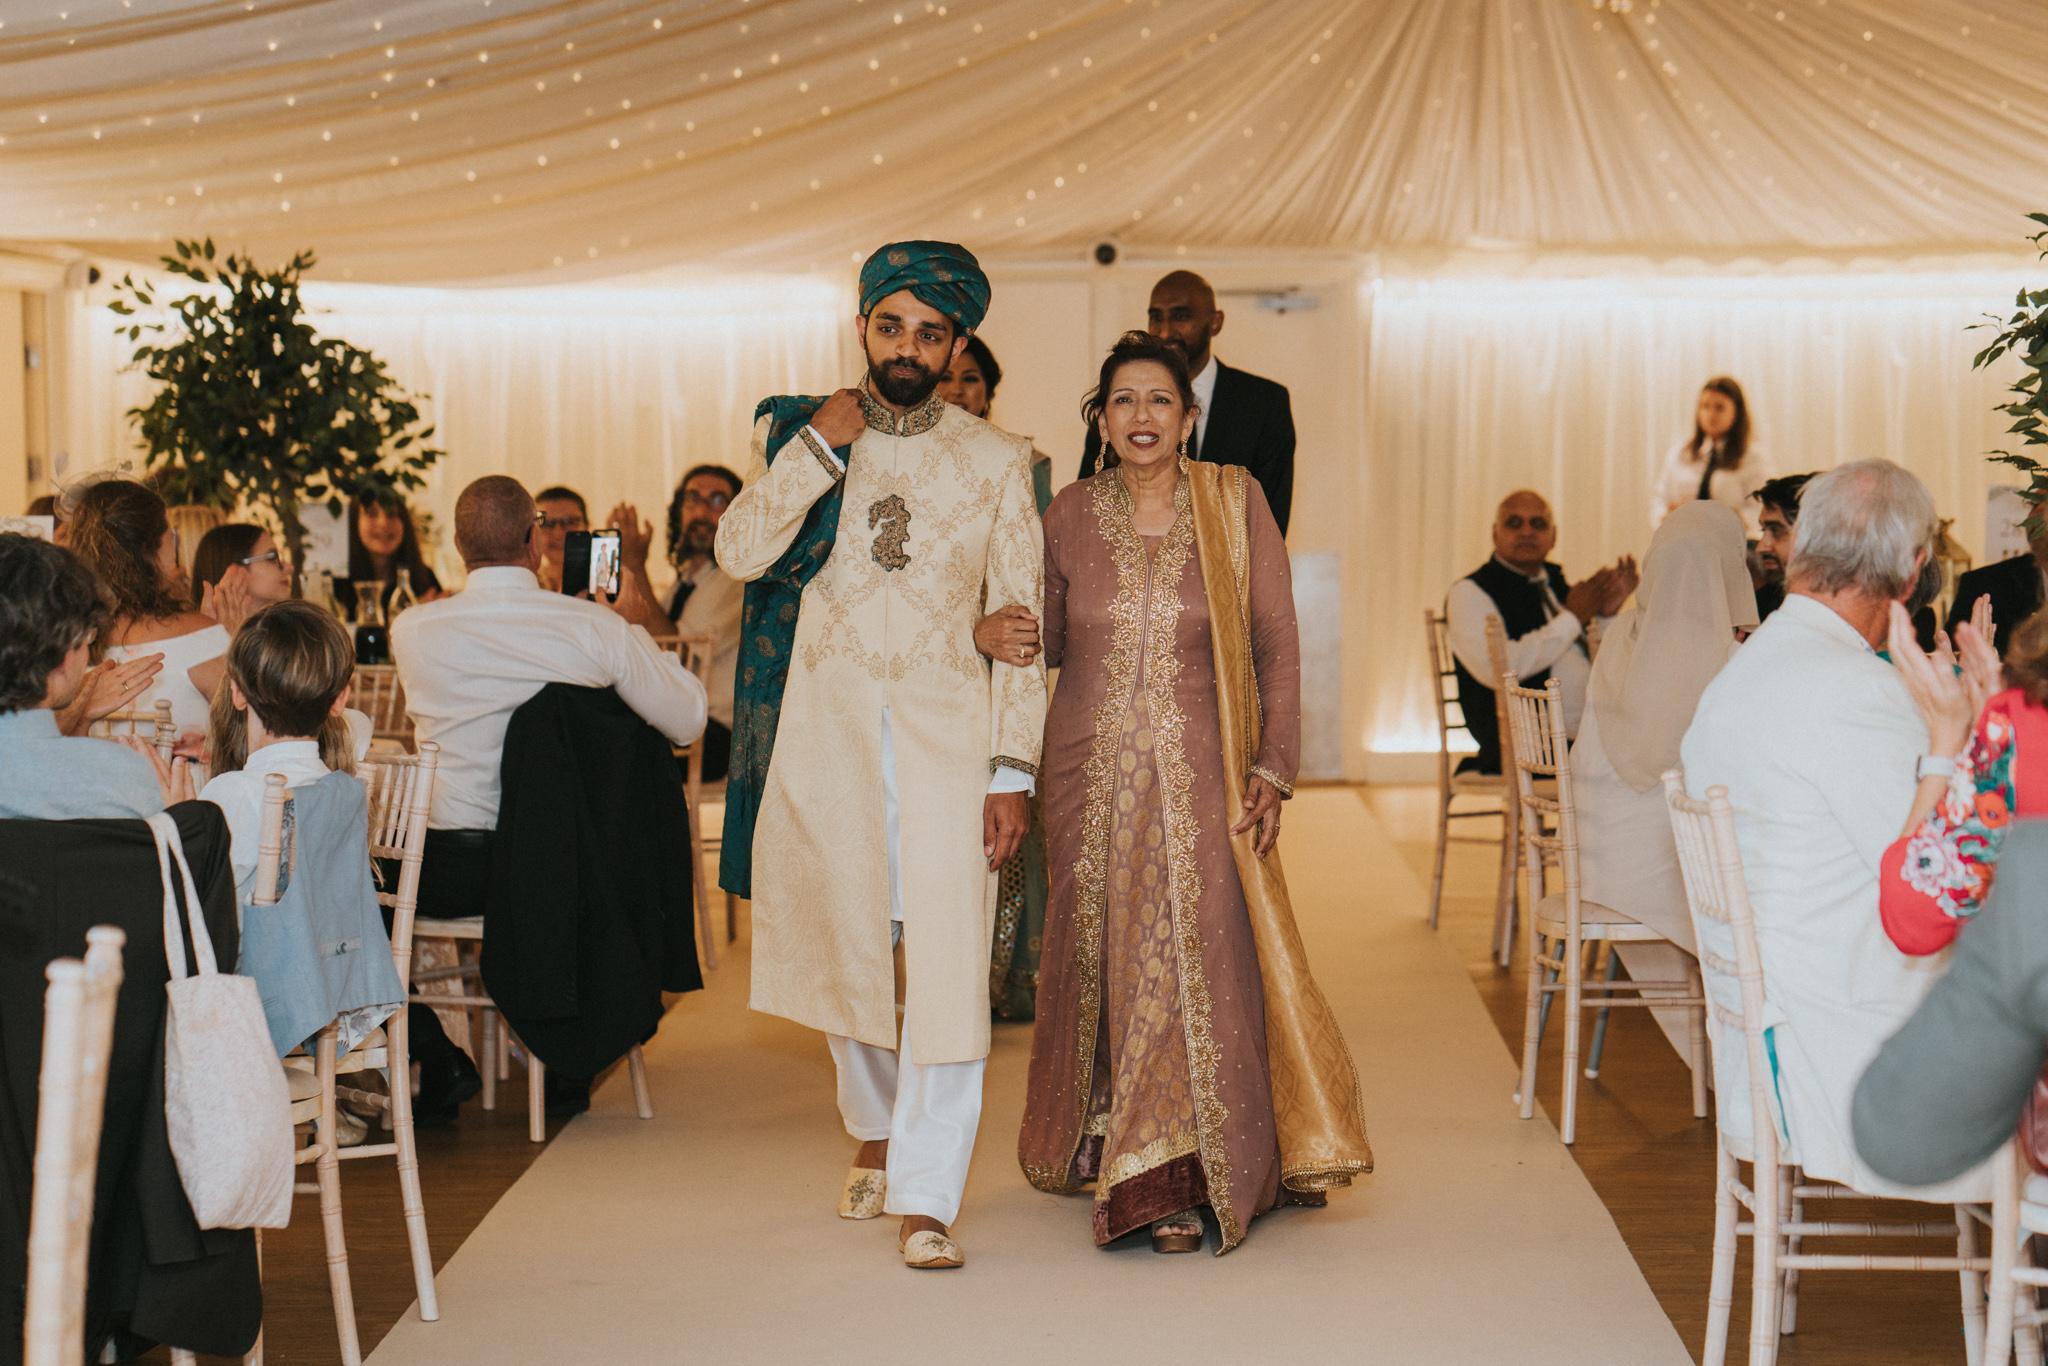 lizzie-faz-fennes-asian-fusion-wedding-grace-elizabeth-colchester-essex-alternative-wedding-lifestyle-photographer-essex-suffolk-norfolk-devon (46 of 55).jpg